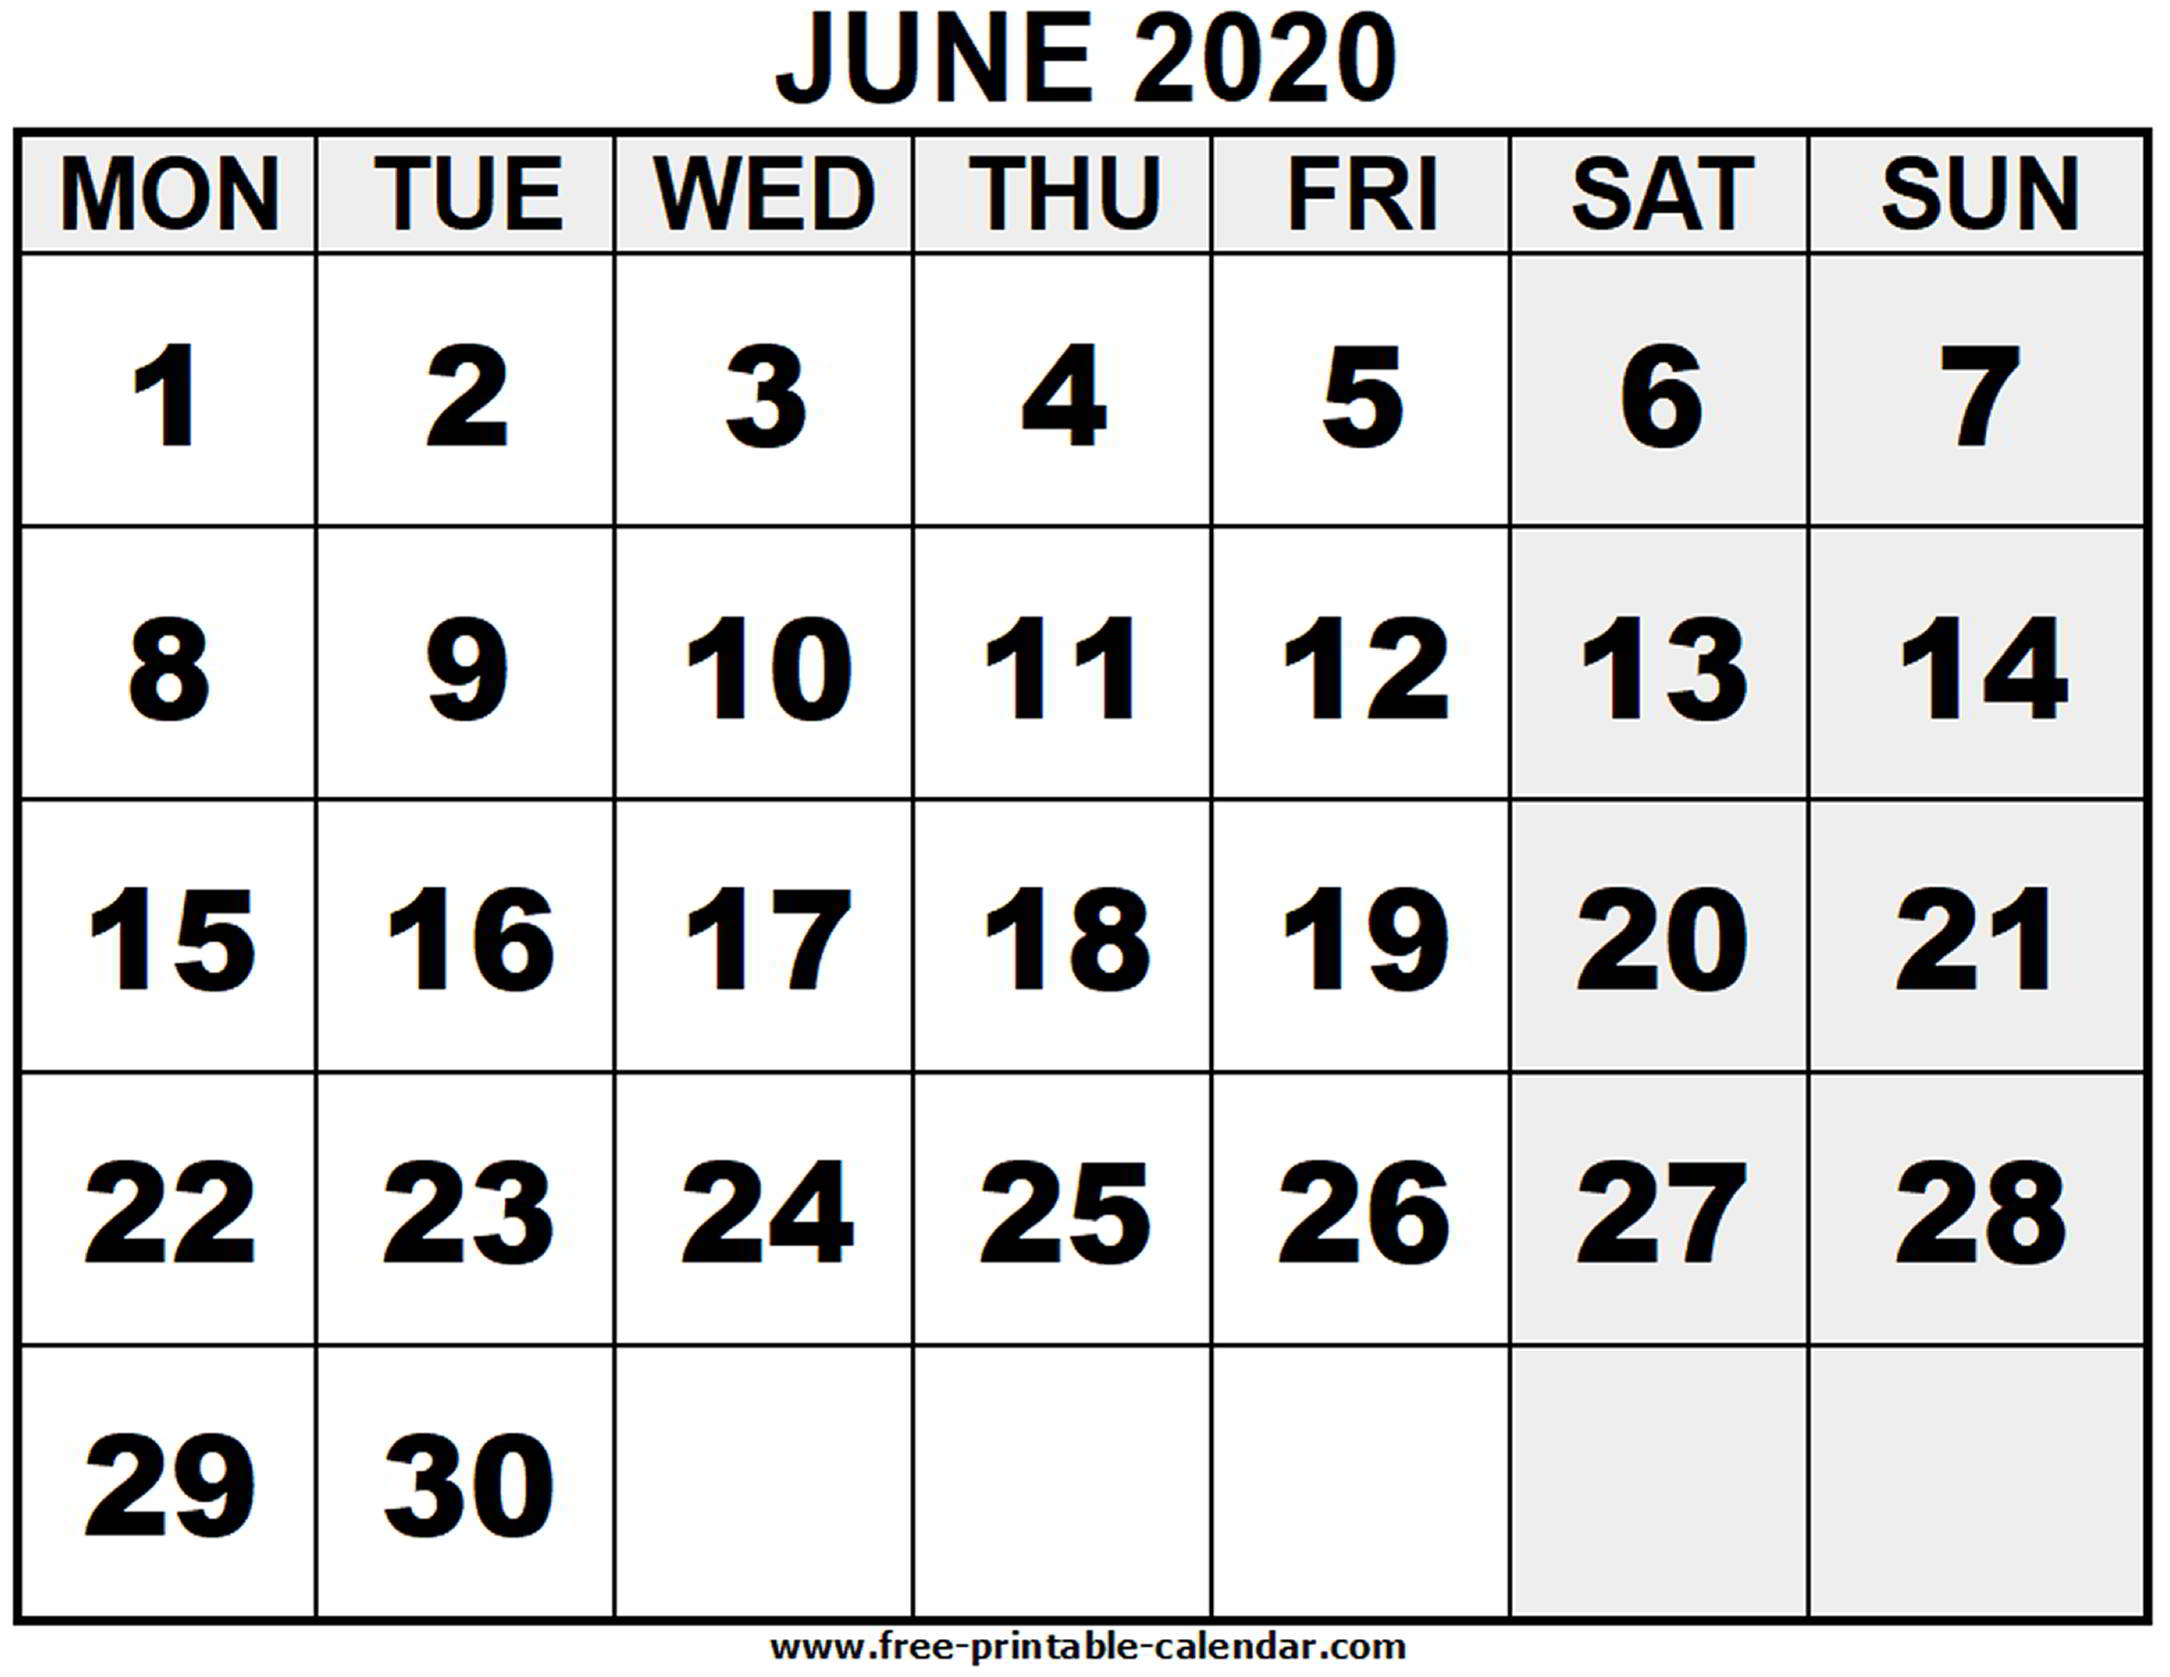 2020 June - Free-Printable-Calendar